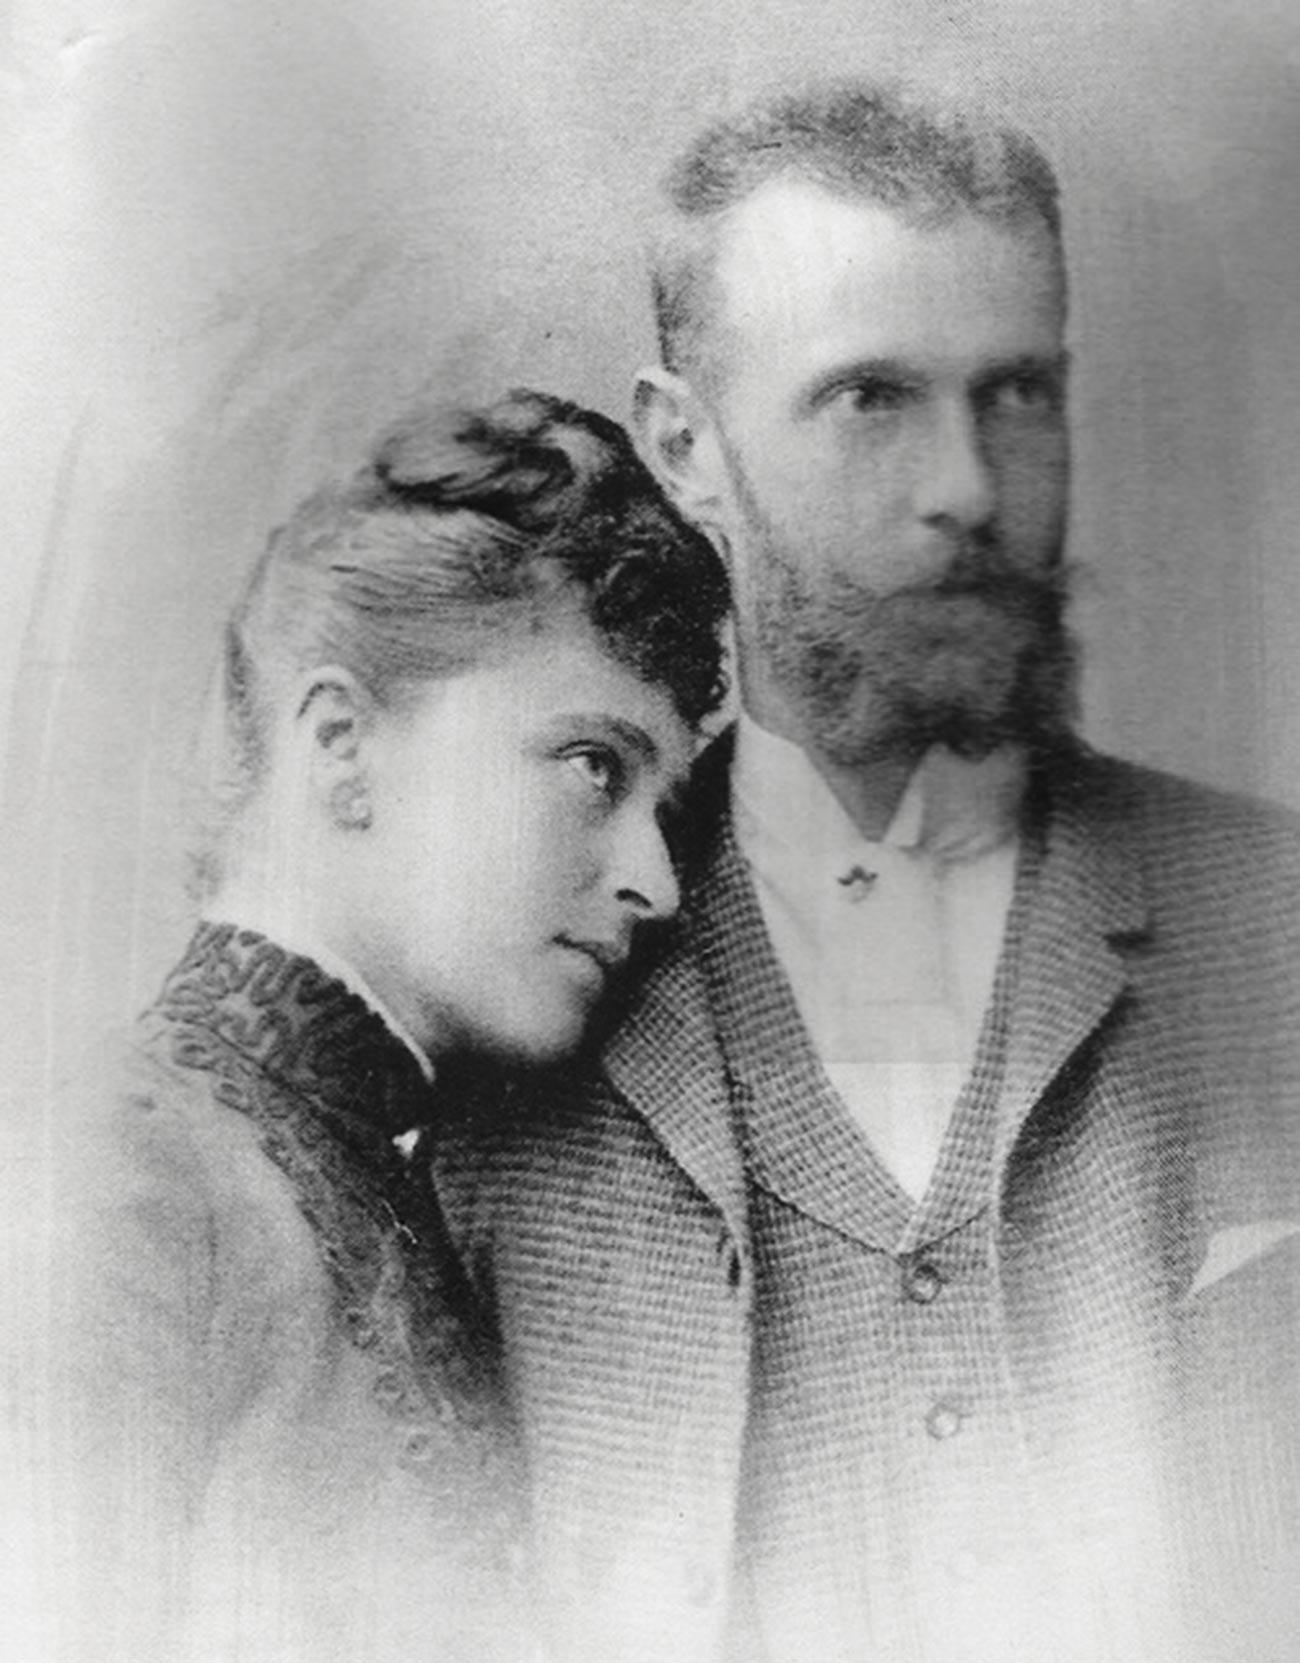 エリザヴェータ・フョードロヴナとセルゲイ・アレクサンドロヴィチ大公